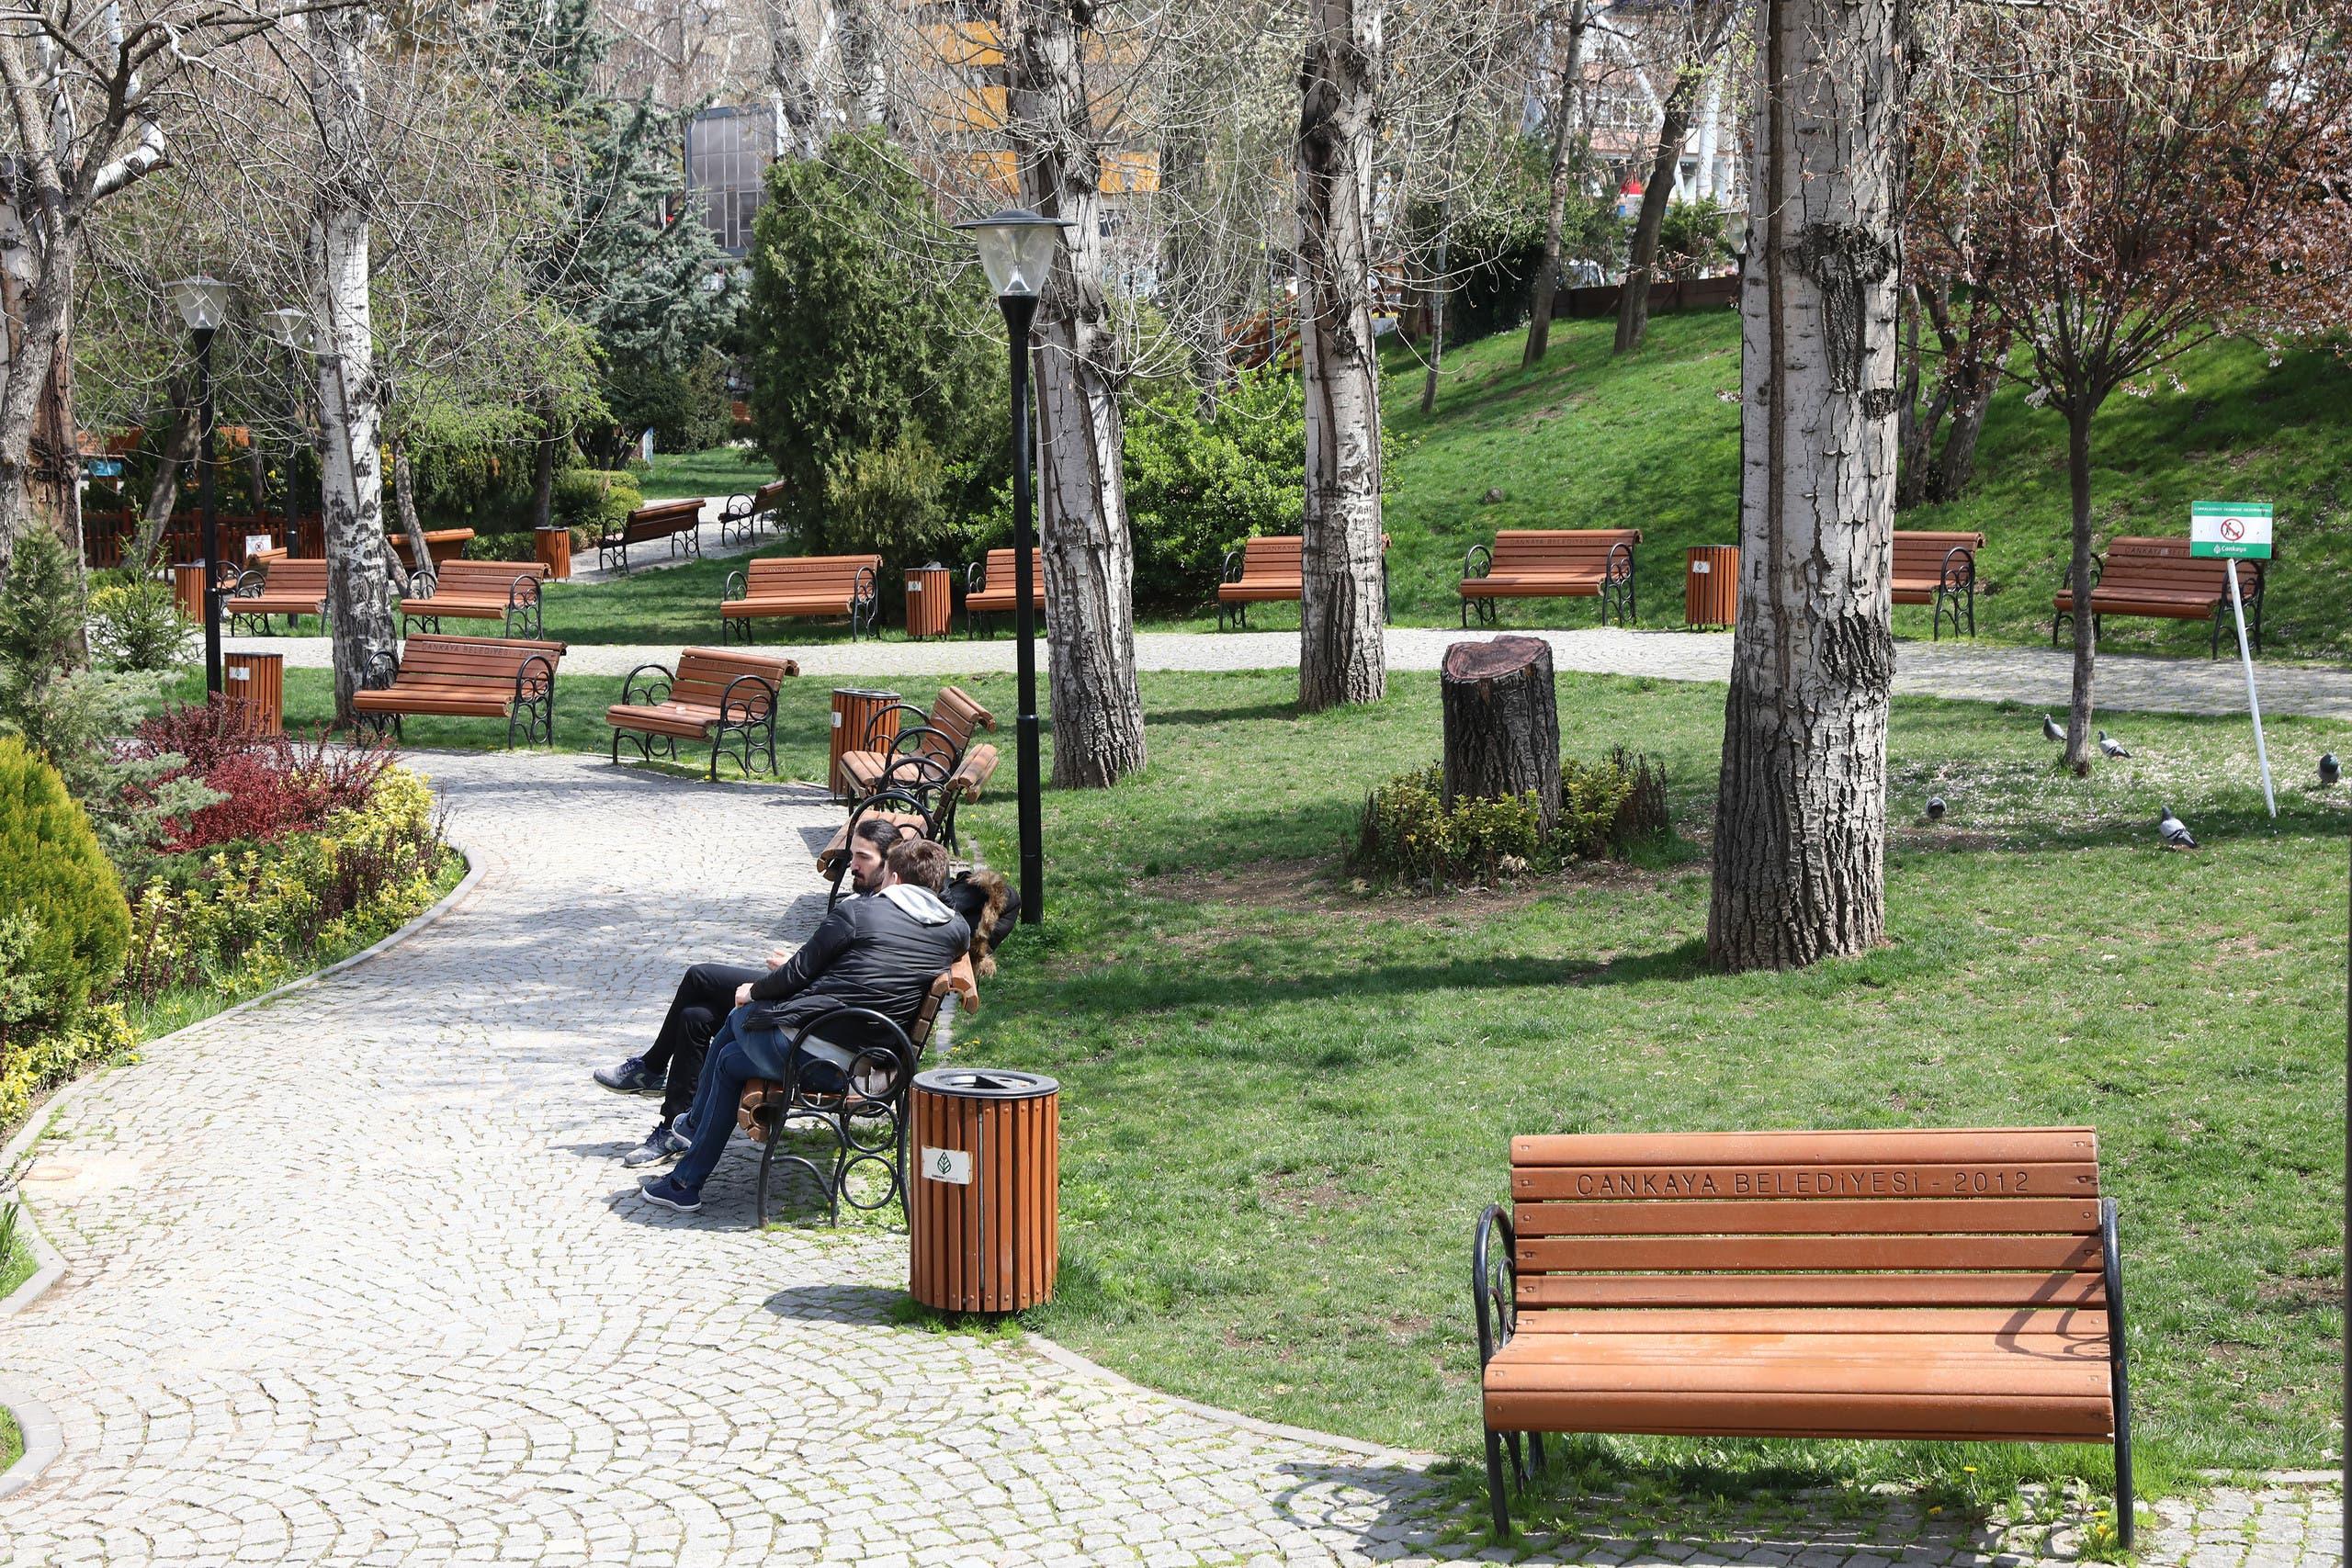 من أنقرة (6 أبريل 2020- فرانس برس)